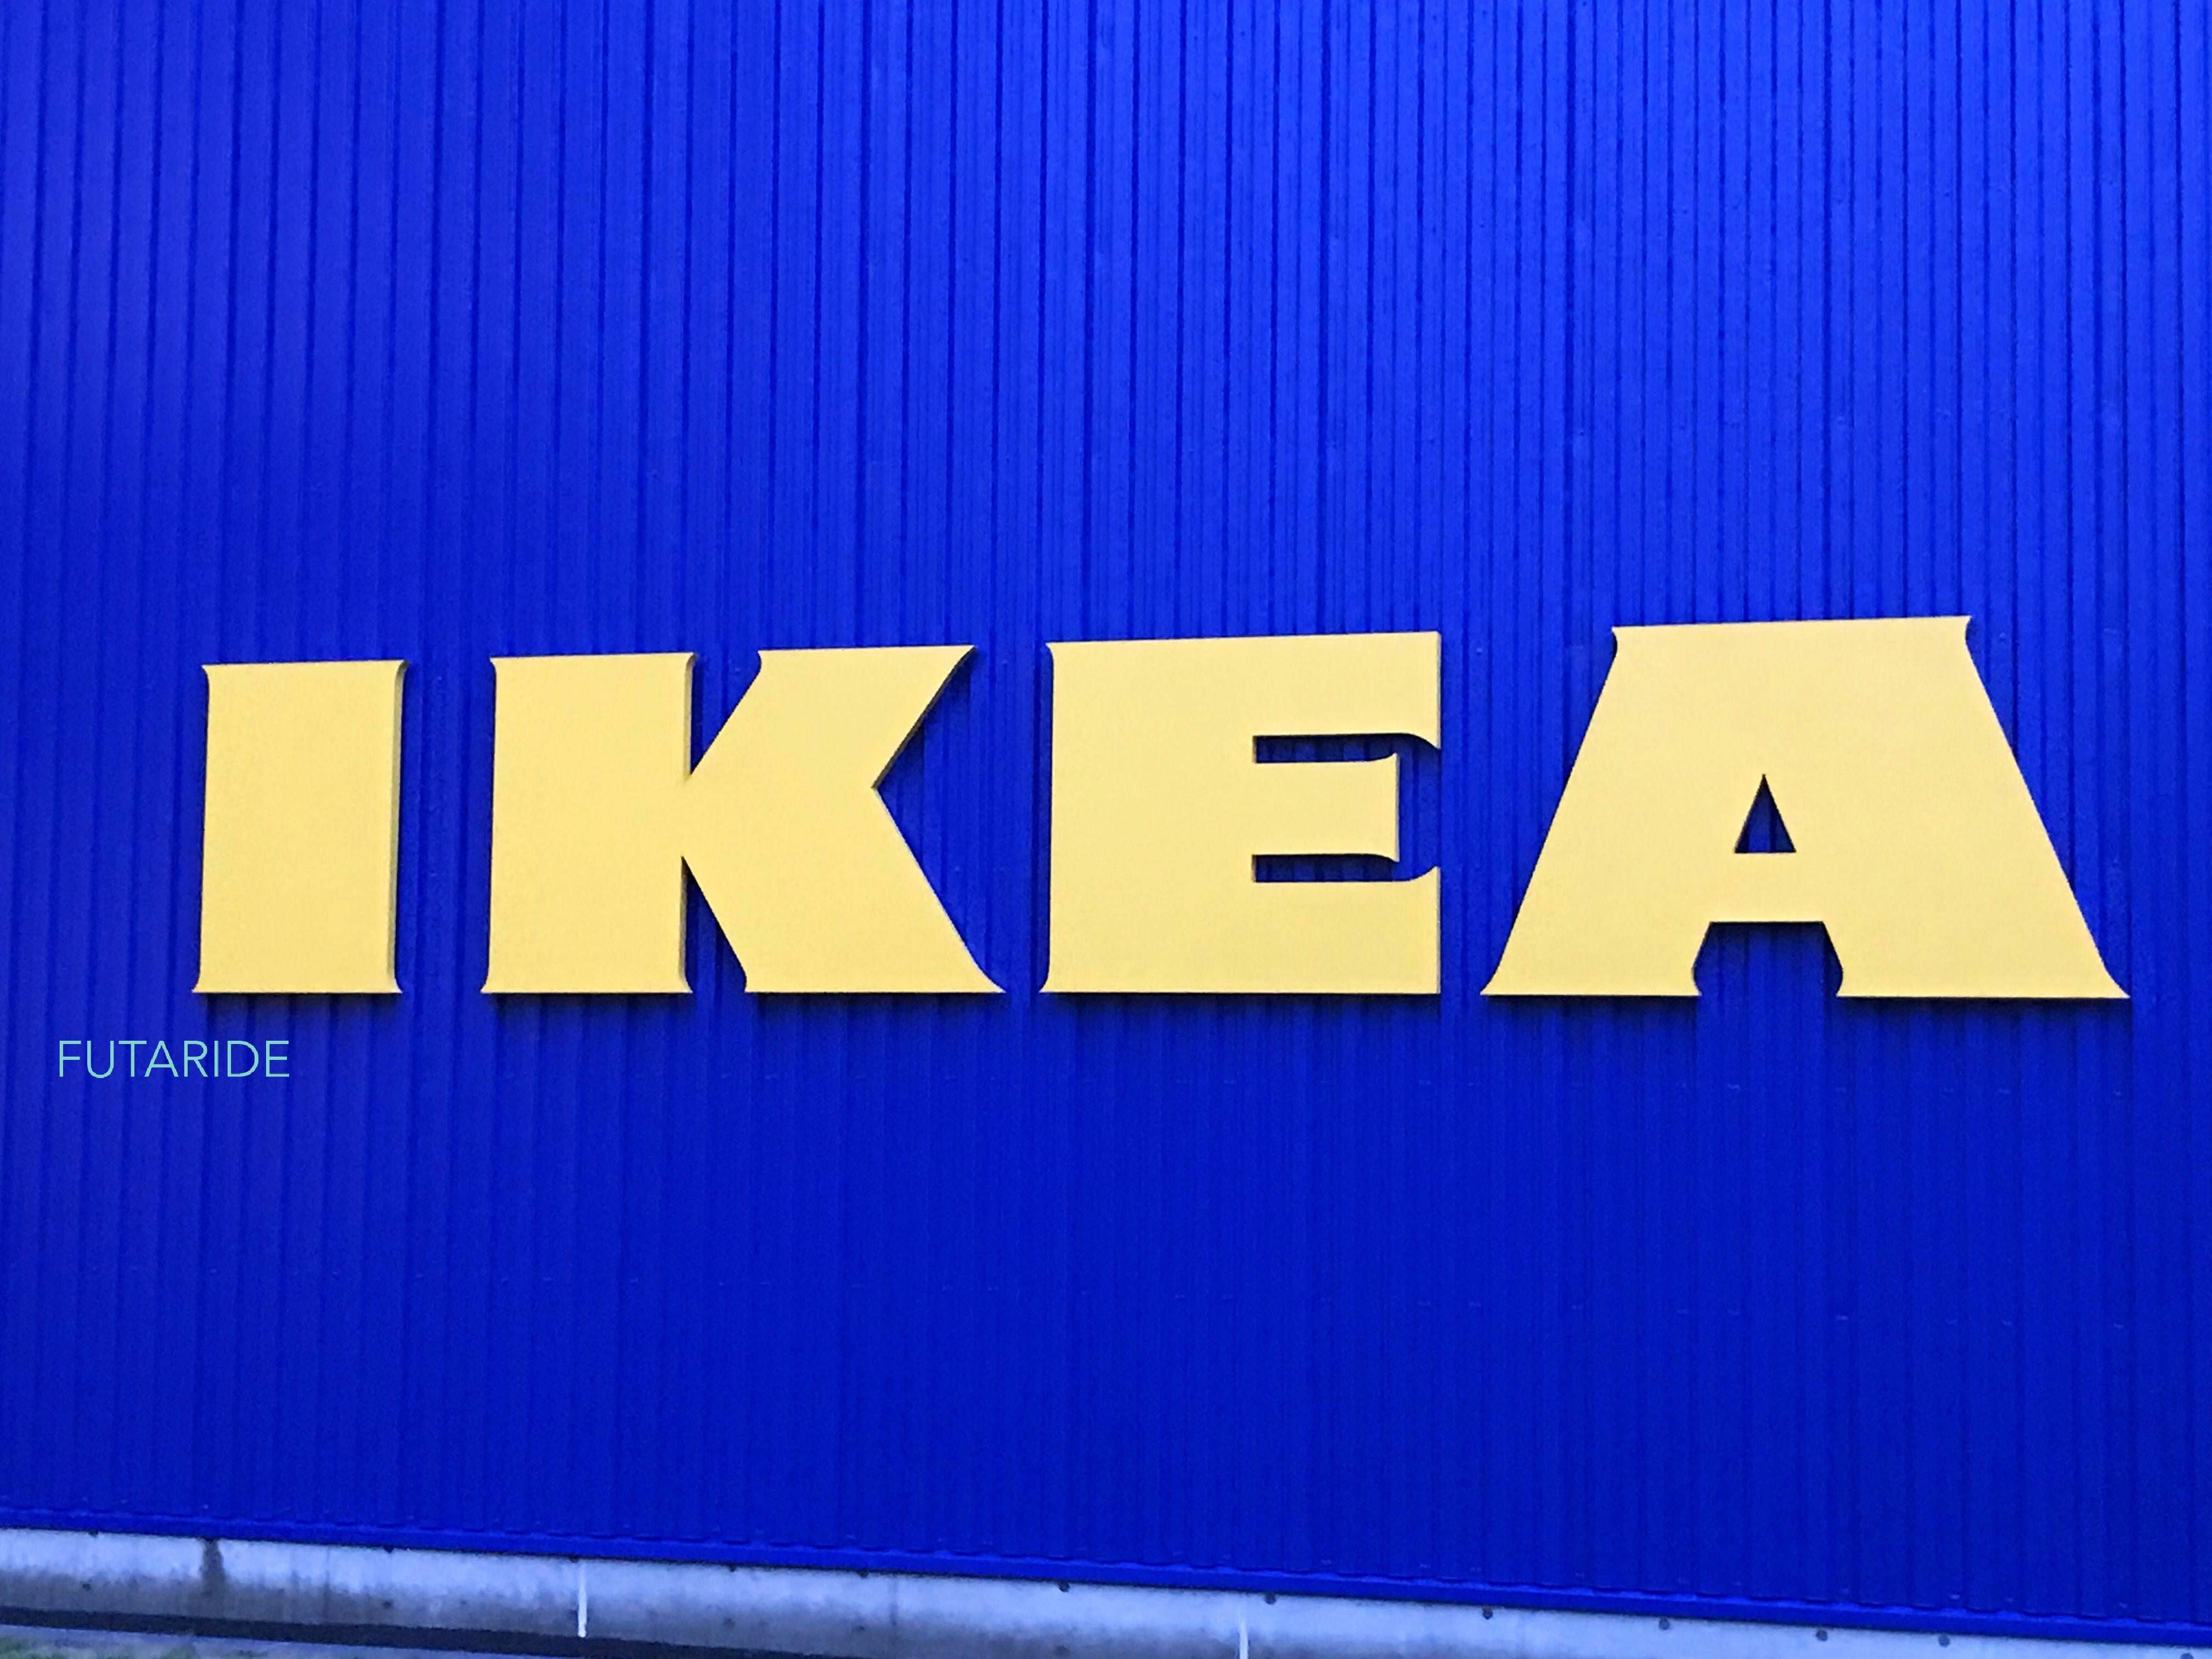 【IKEAデート】実はイケアってデートスポットにもピッタリだった!